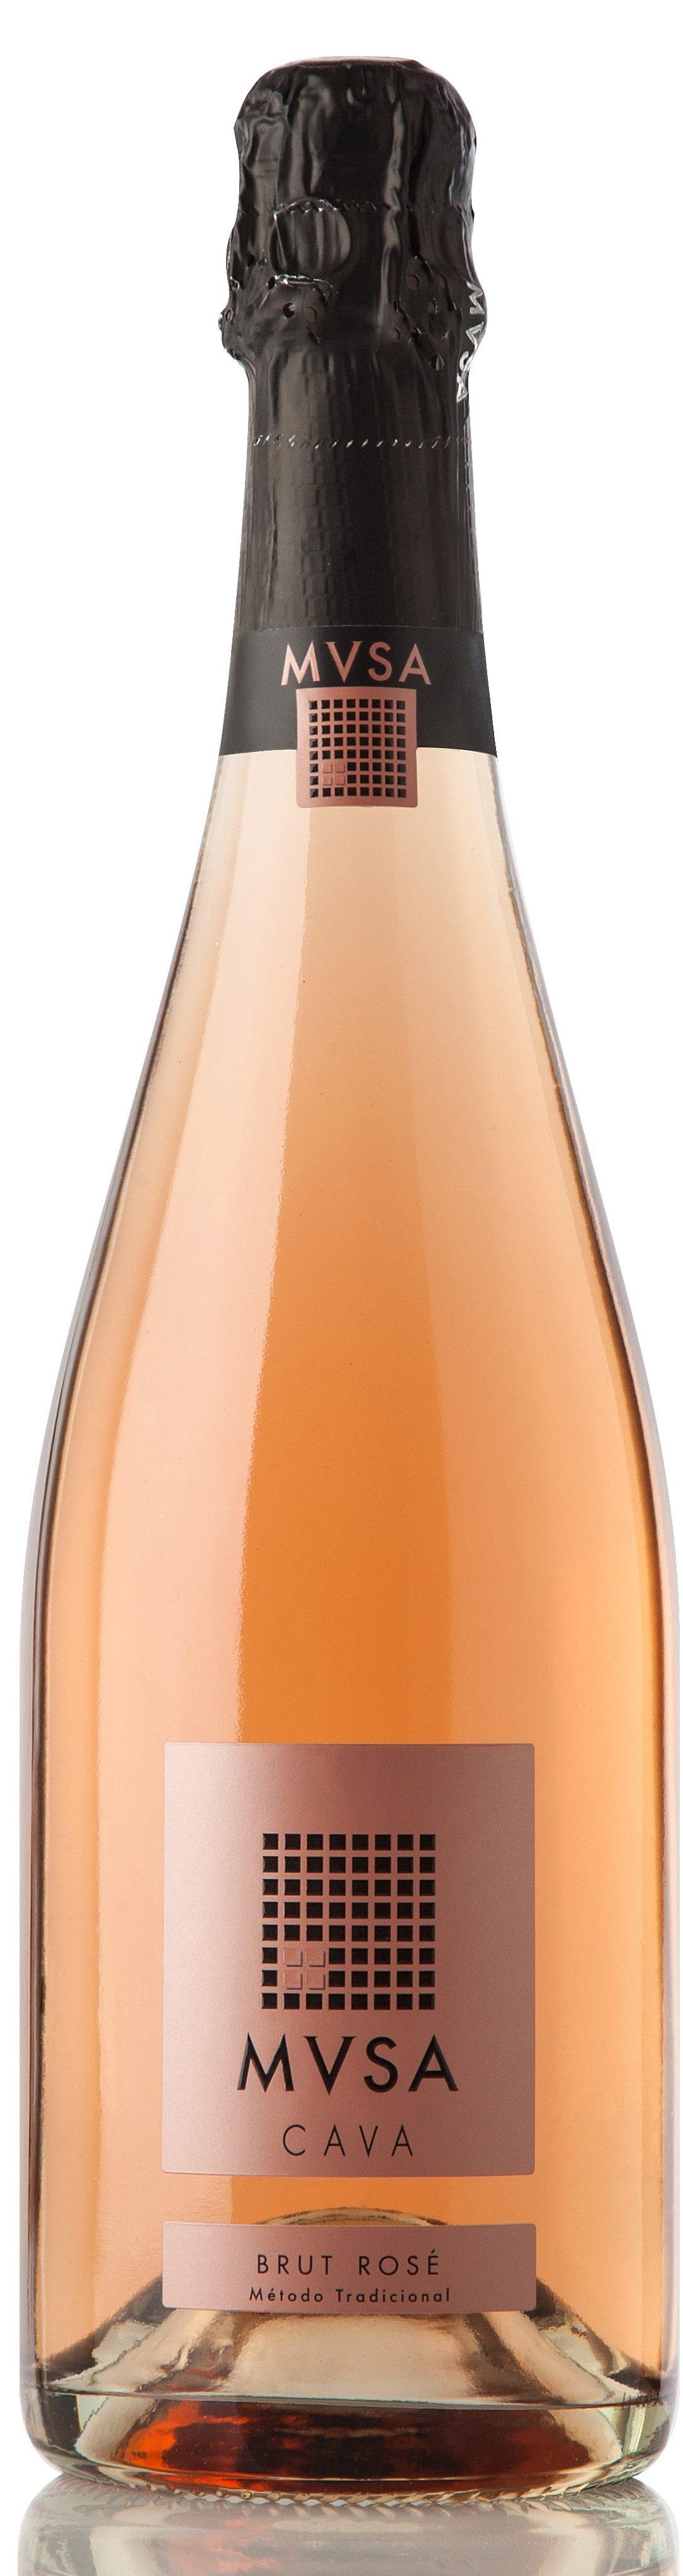 MVSA Cava Brut Rosé